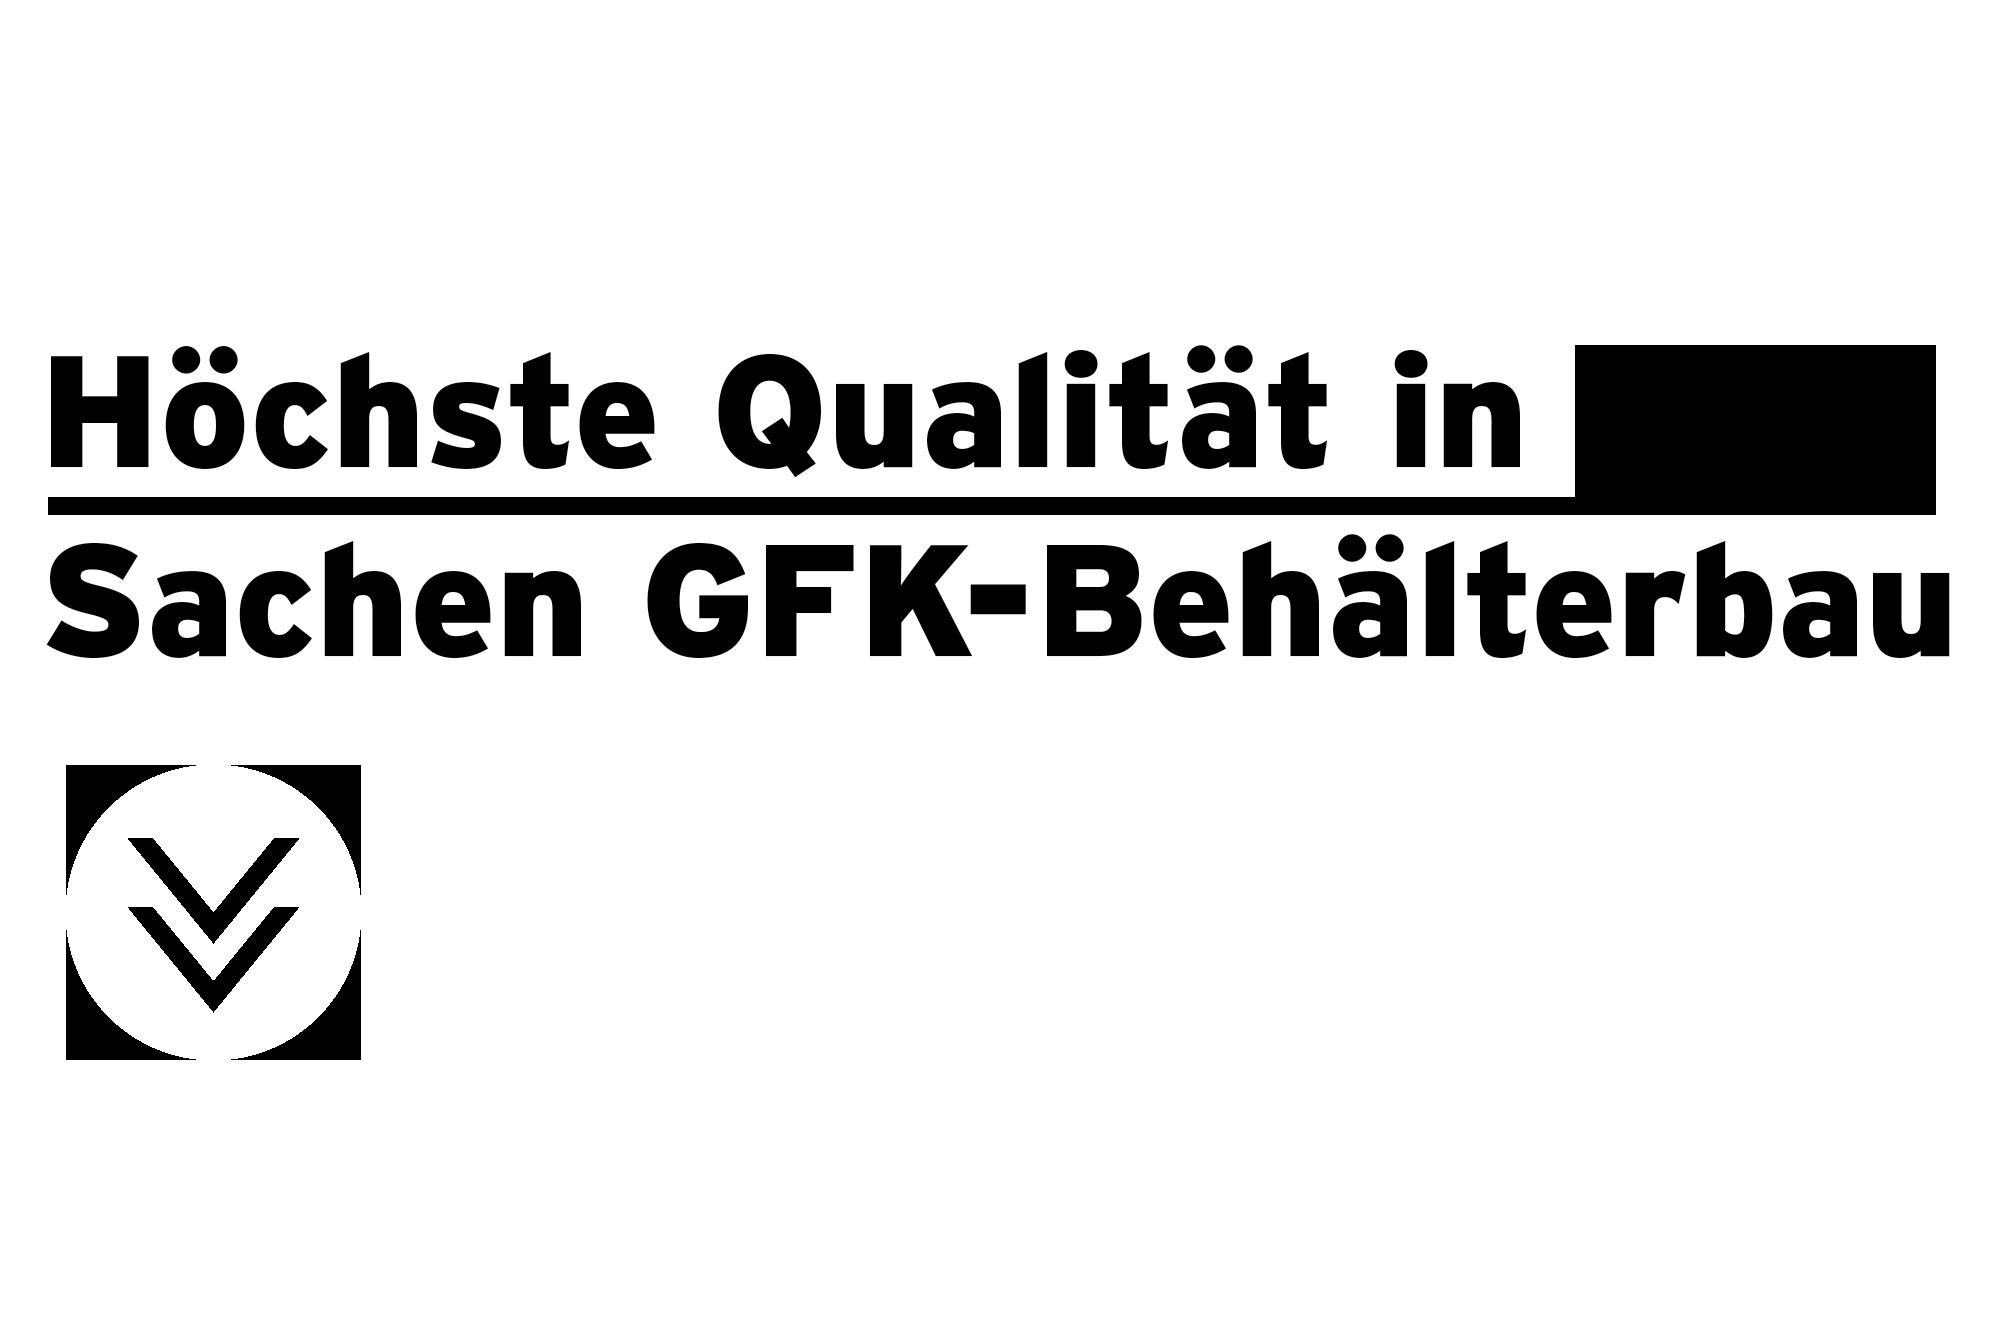 Höchste Qualität in Sachen GFK Behälterbau